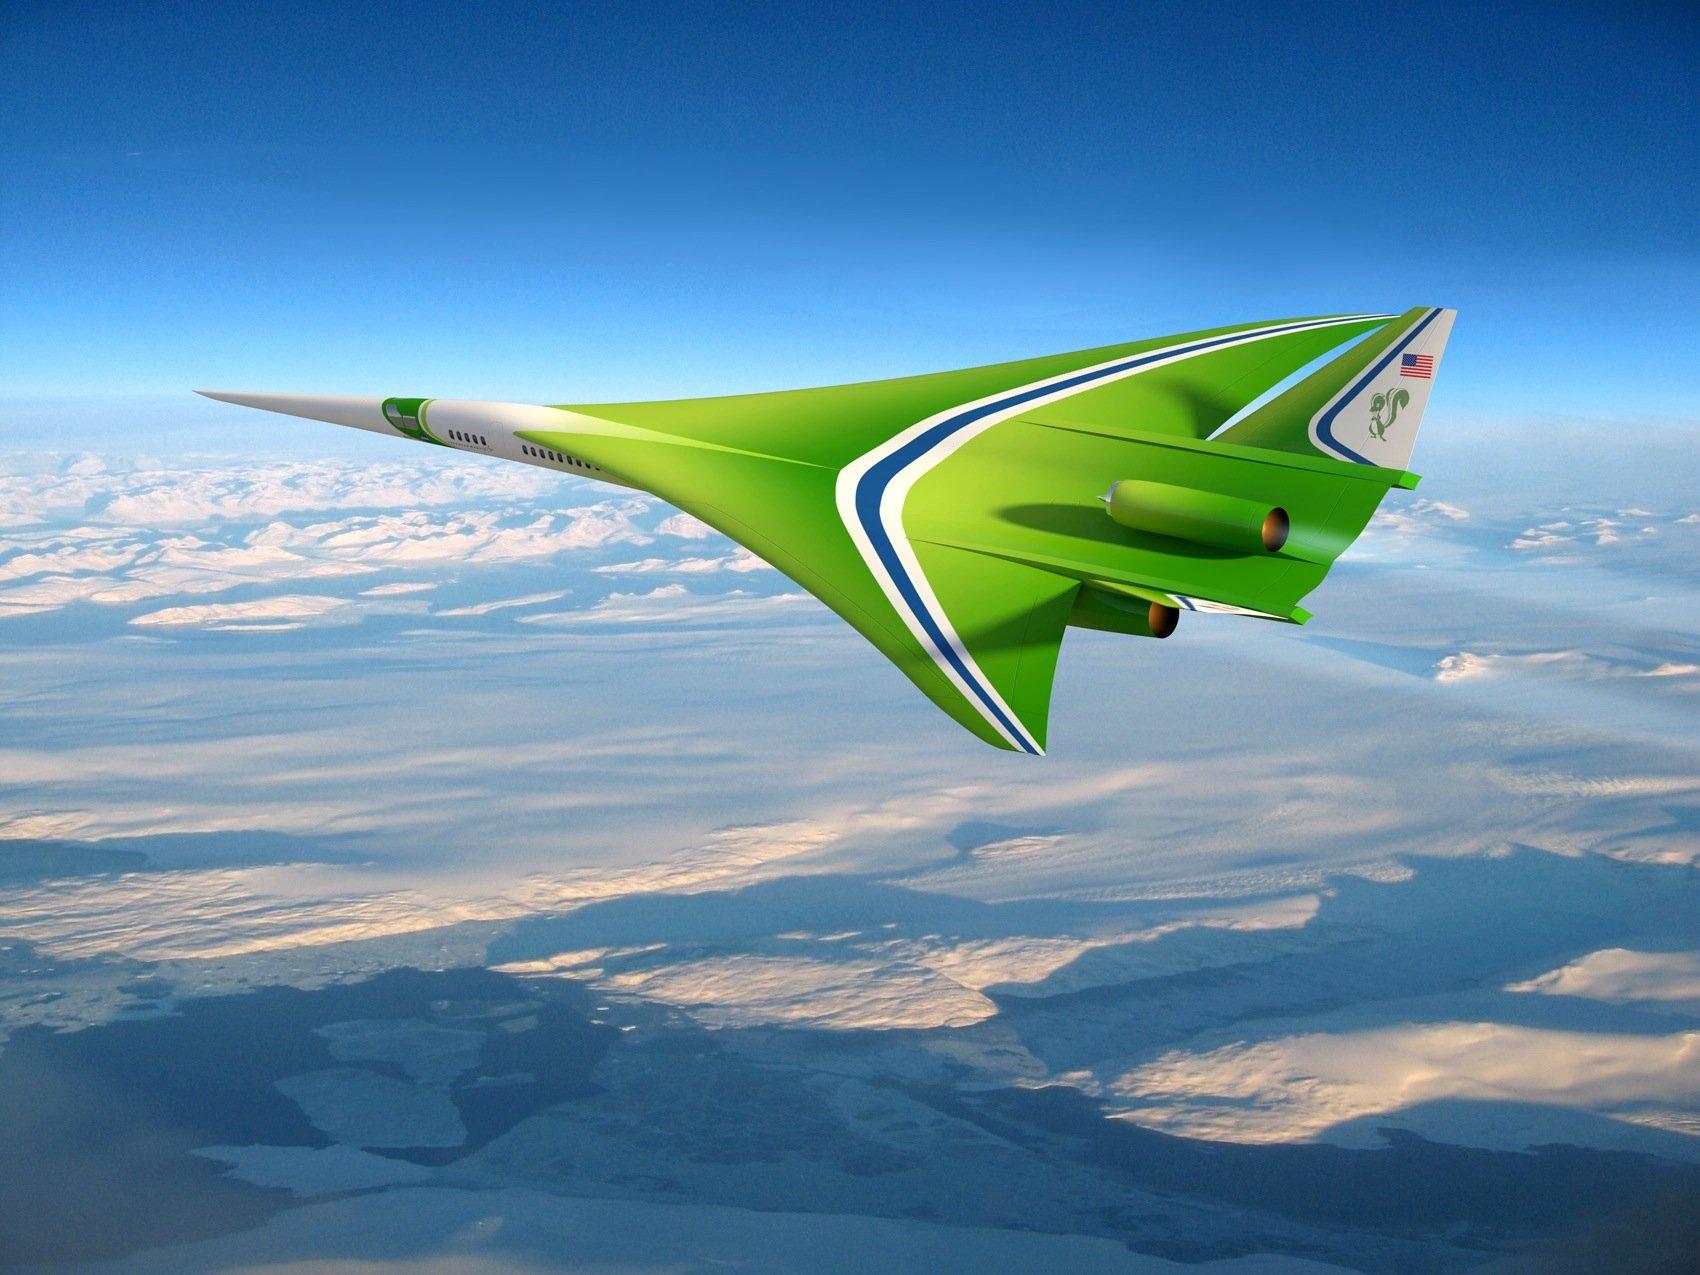 Schon Ende 2007 stellte die Nasa gemeinsam mit Lockheed Martin den Entwurf eines zivilen Überschalljets vor.